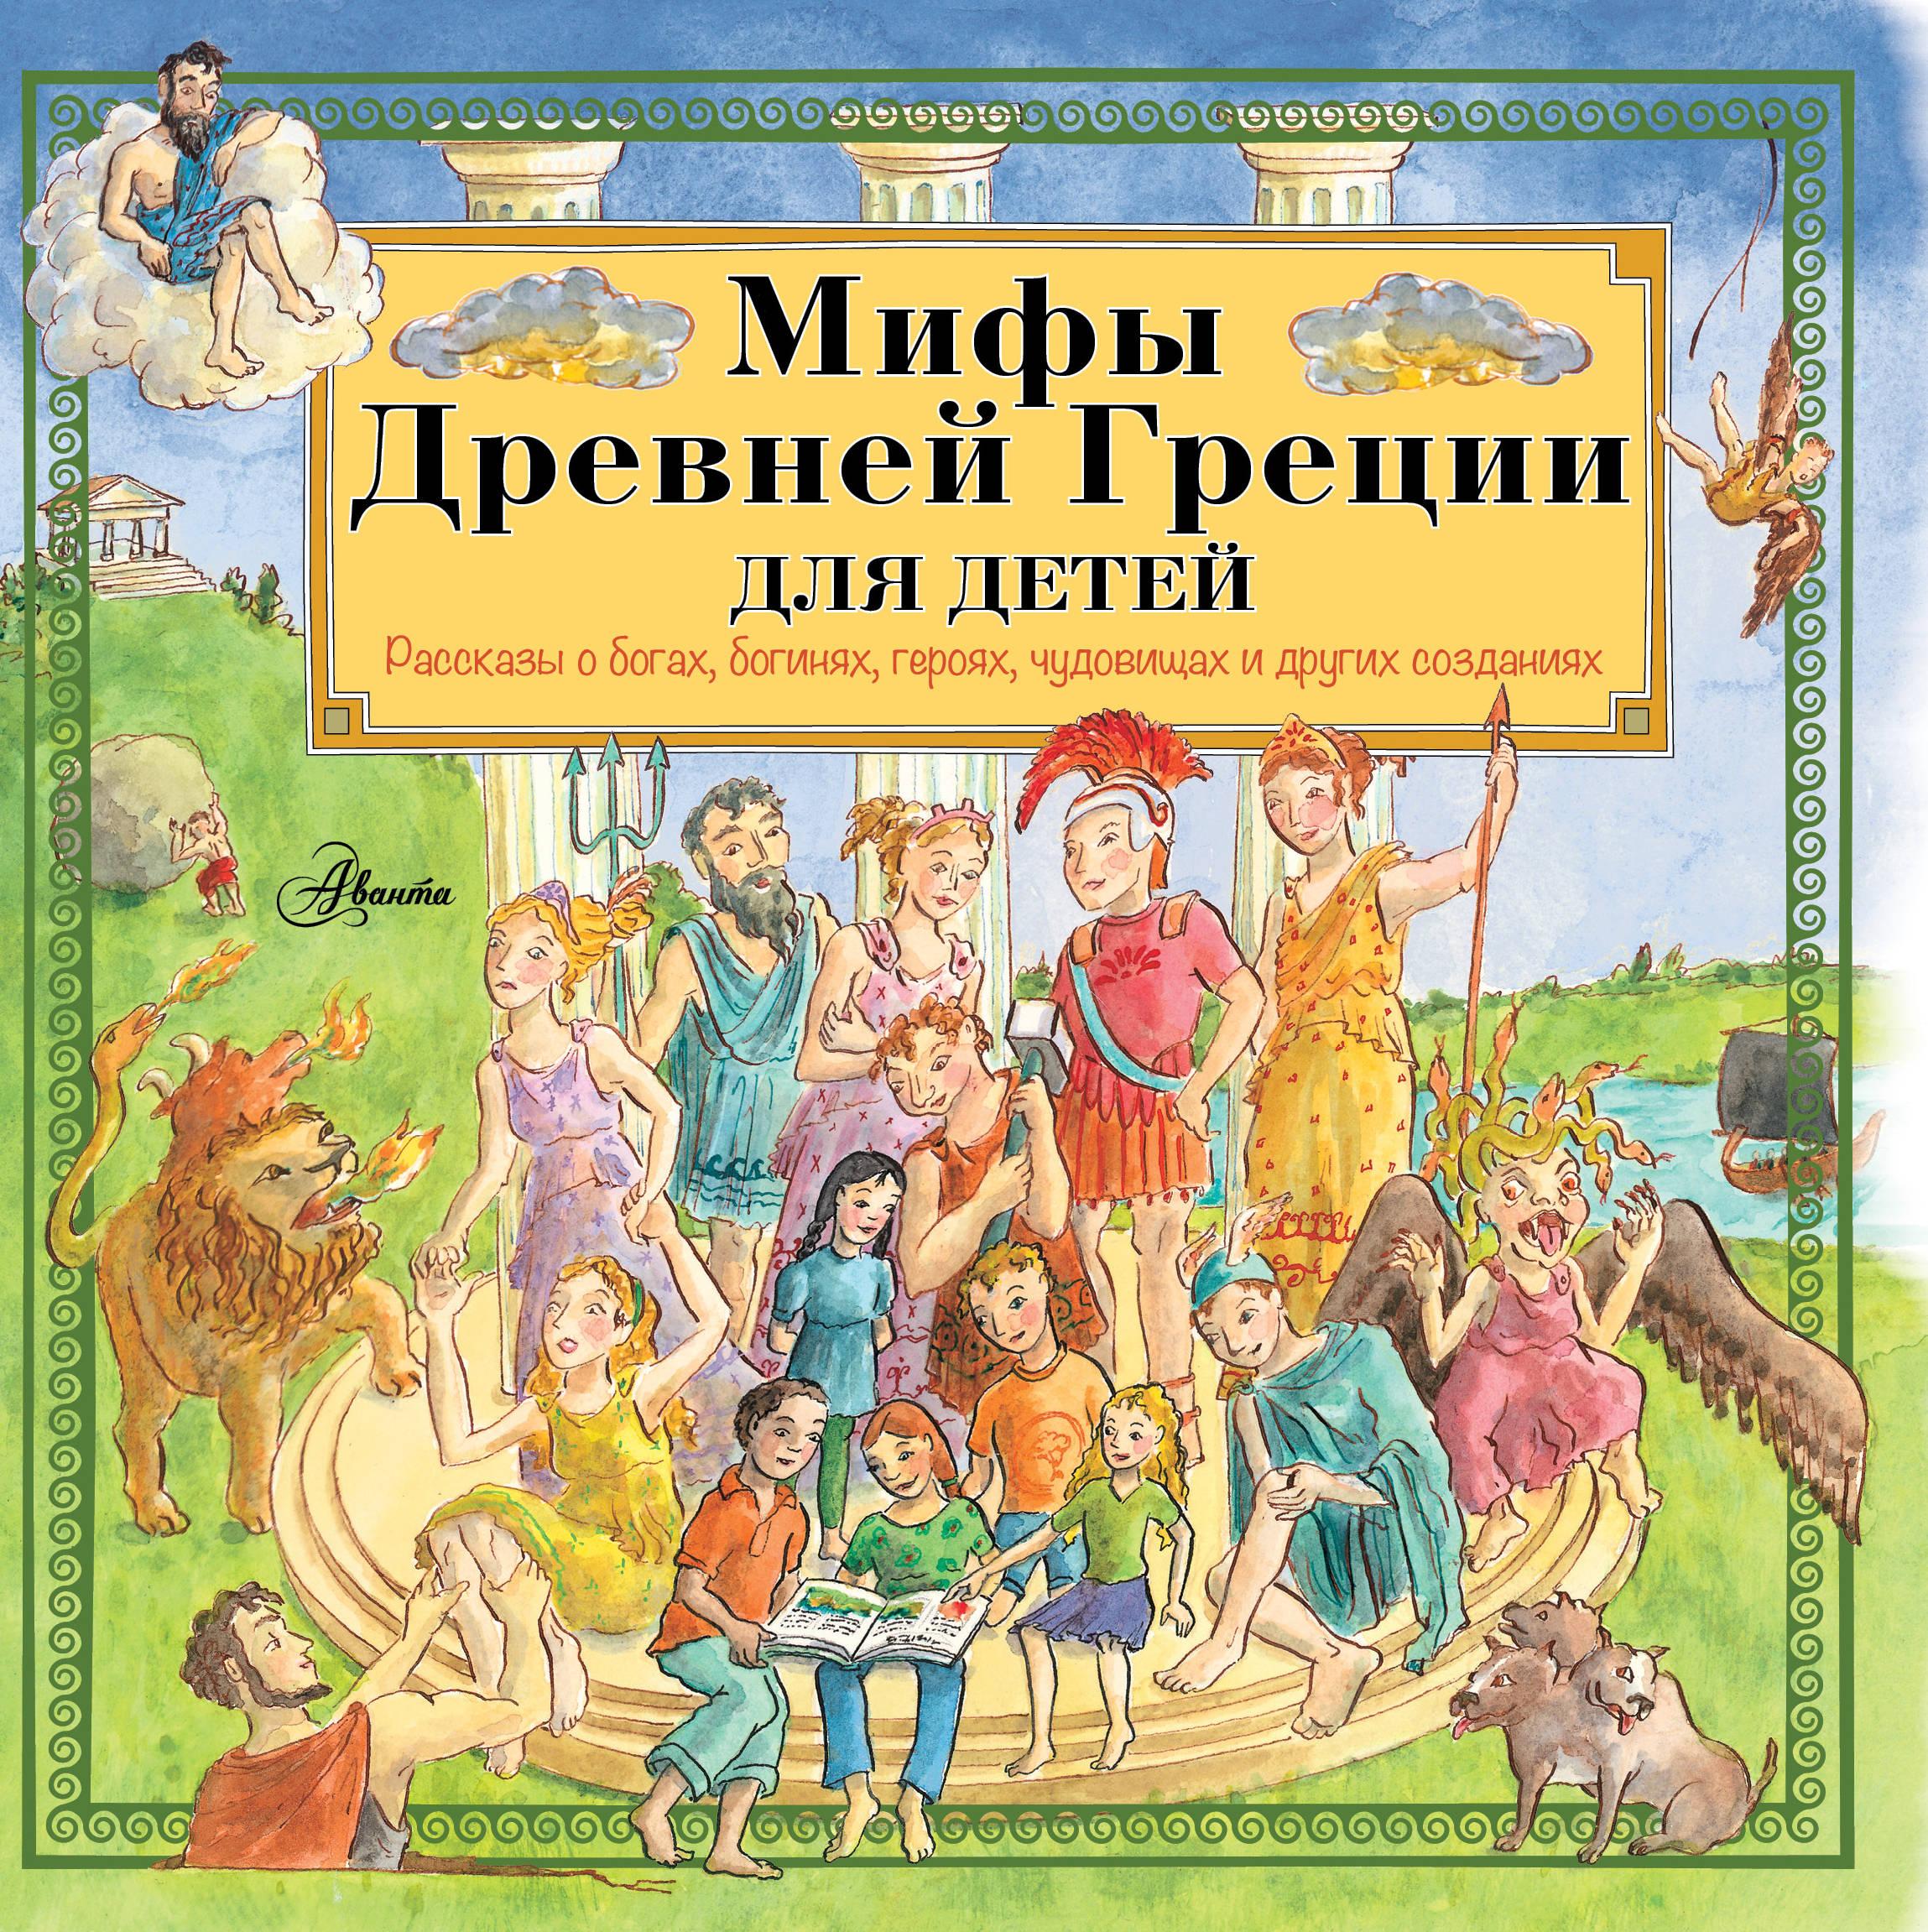 древняя греция картинки для детей